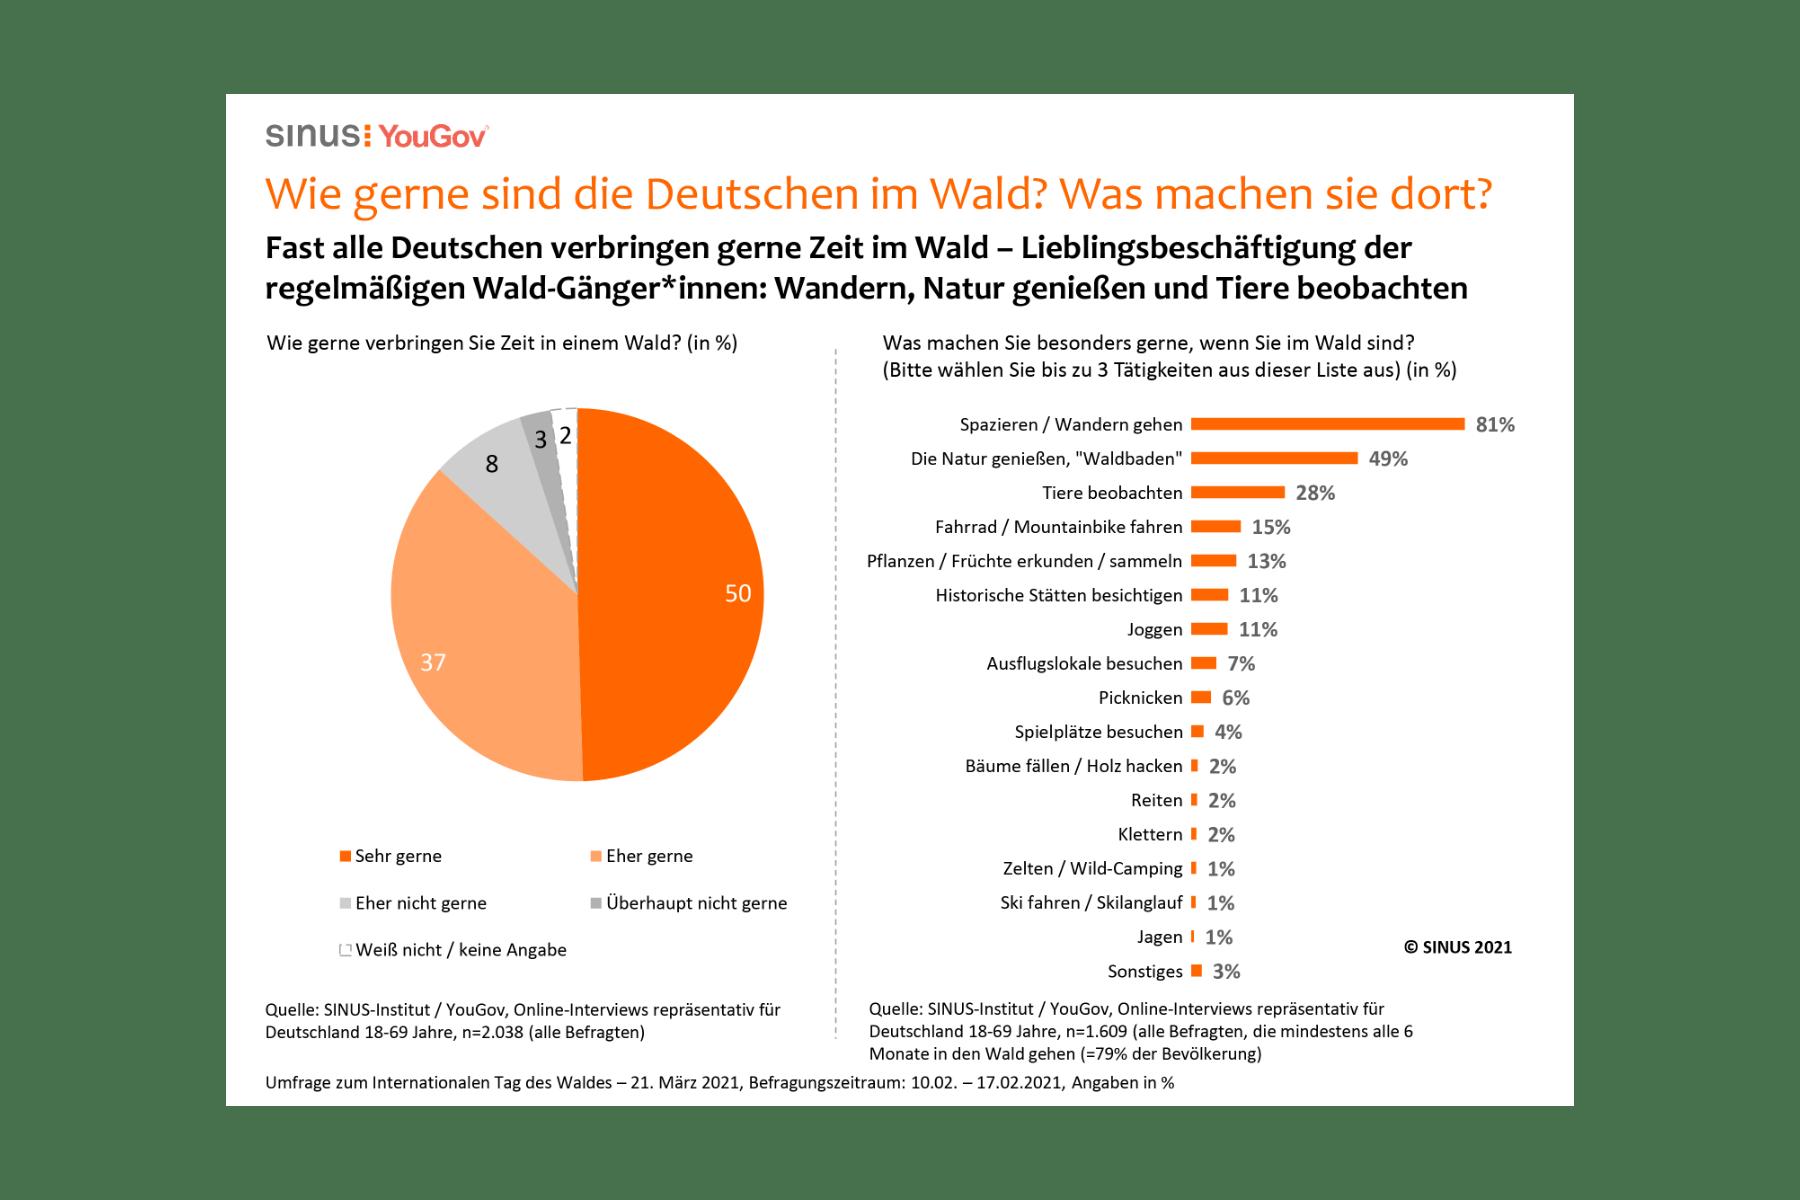 Grafik: Wie gerne sind die Deutschen im Wald?